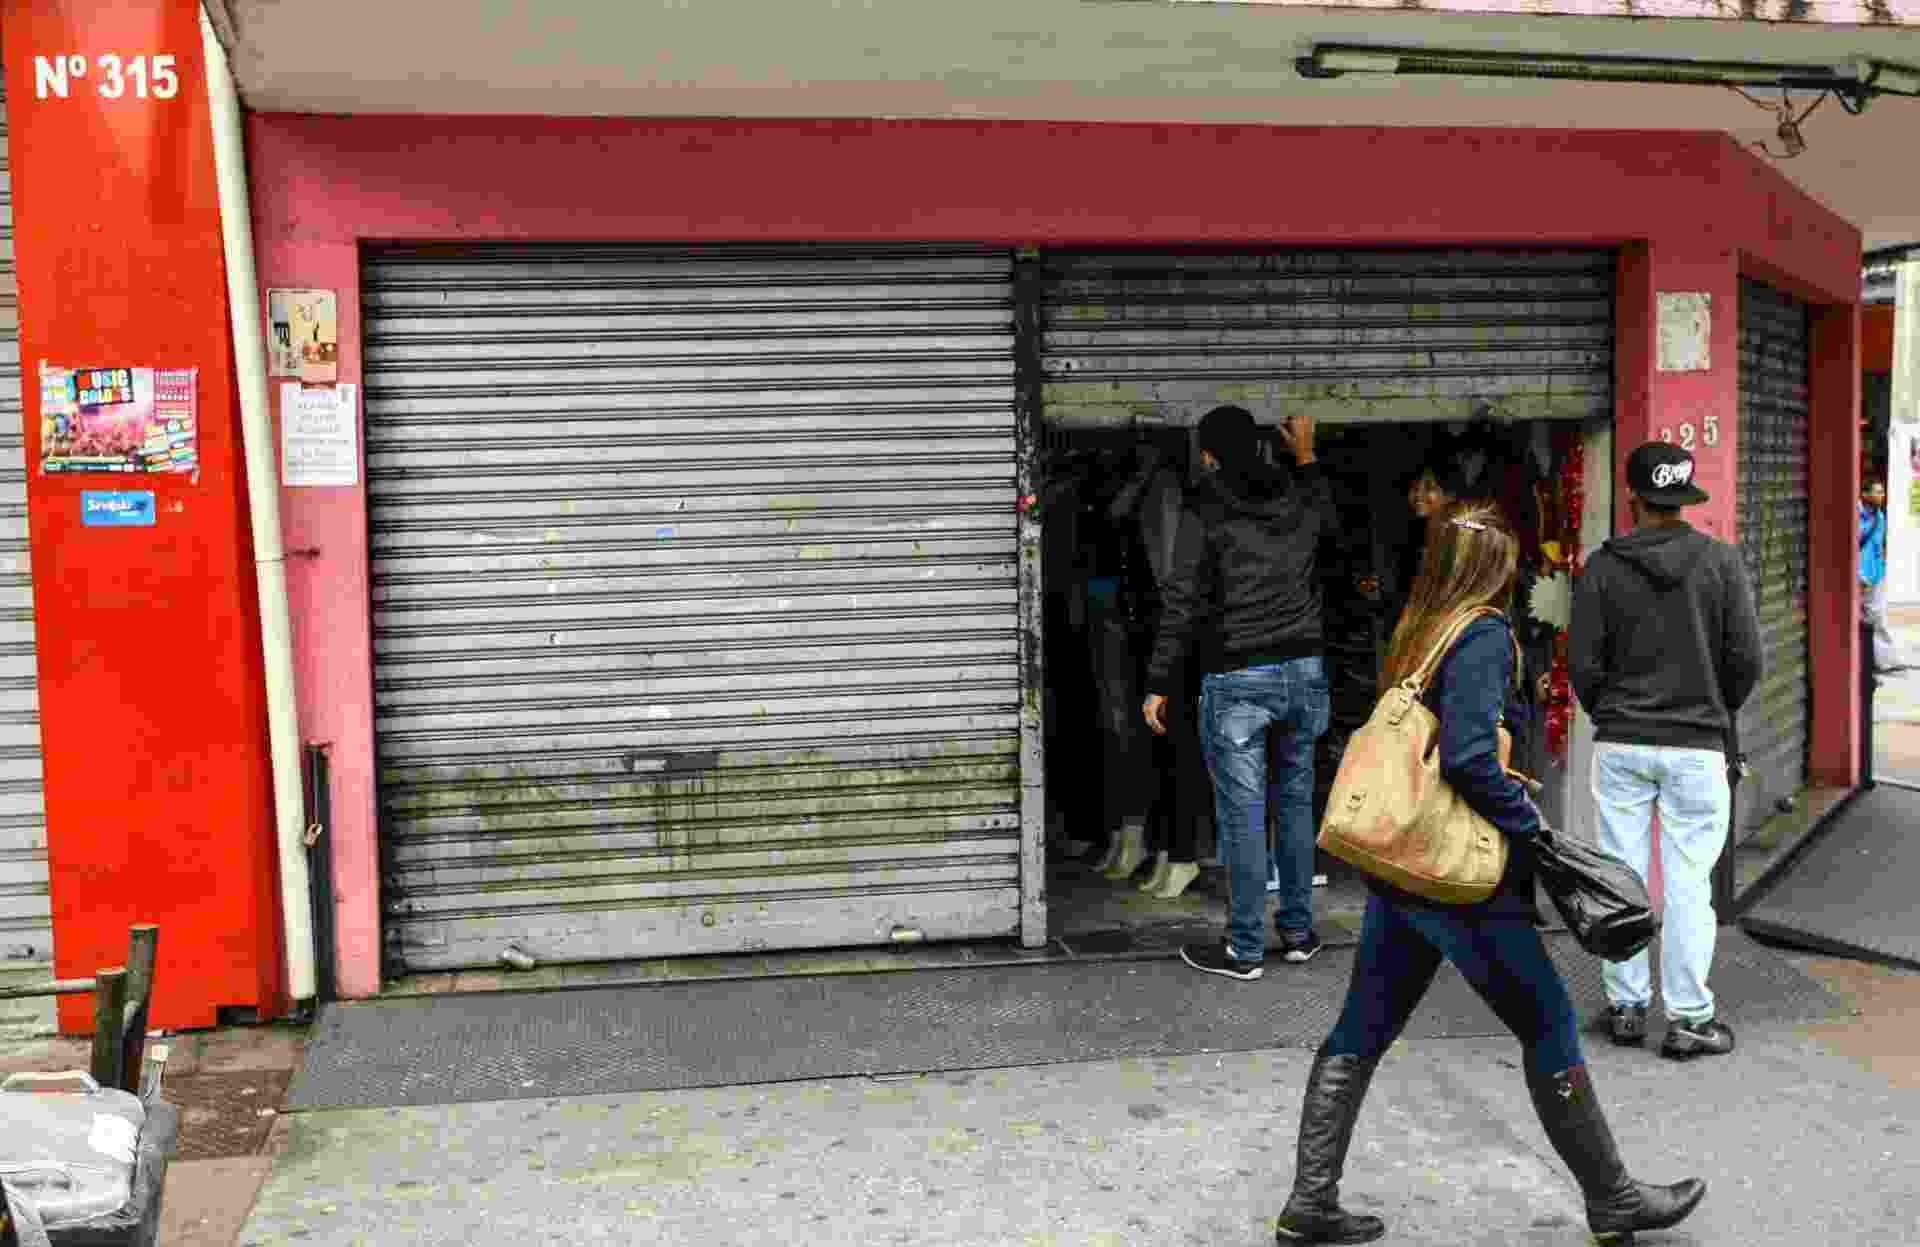 28.abr.2017 - Comércio e agências bancárias permanecem fechados neste dia de greve geral em Osasco, na Grande São Paulo - Eliane Neves/Fotoarena/Estadão Conteúdo